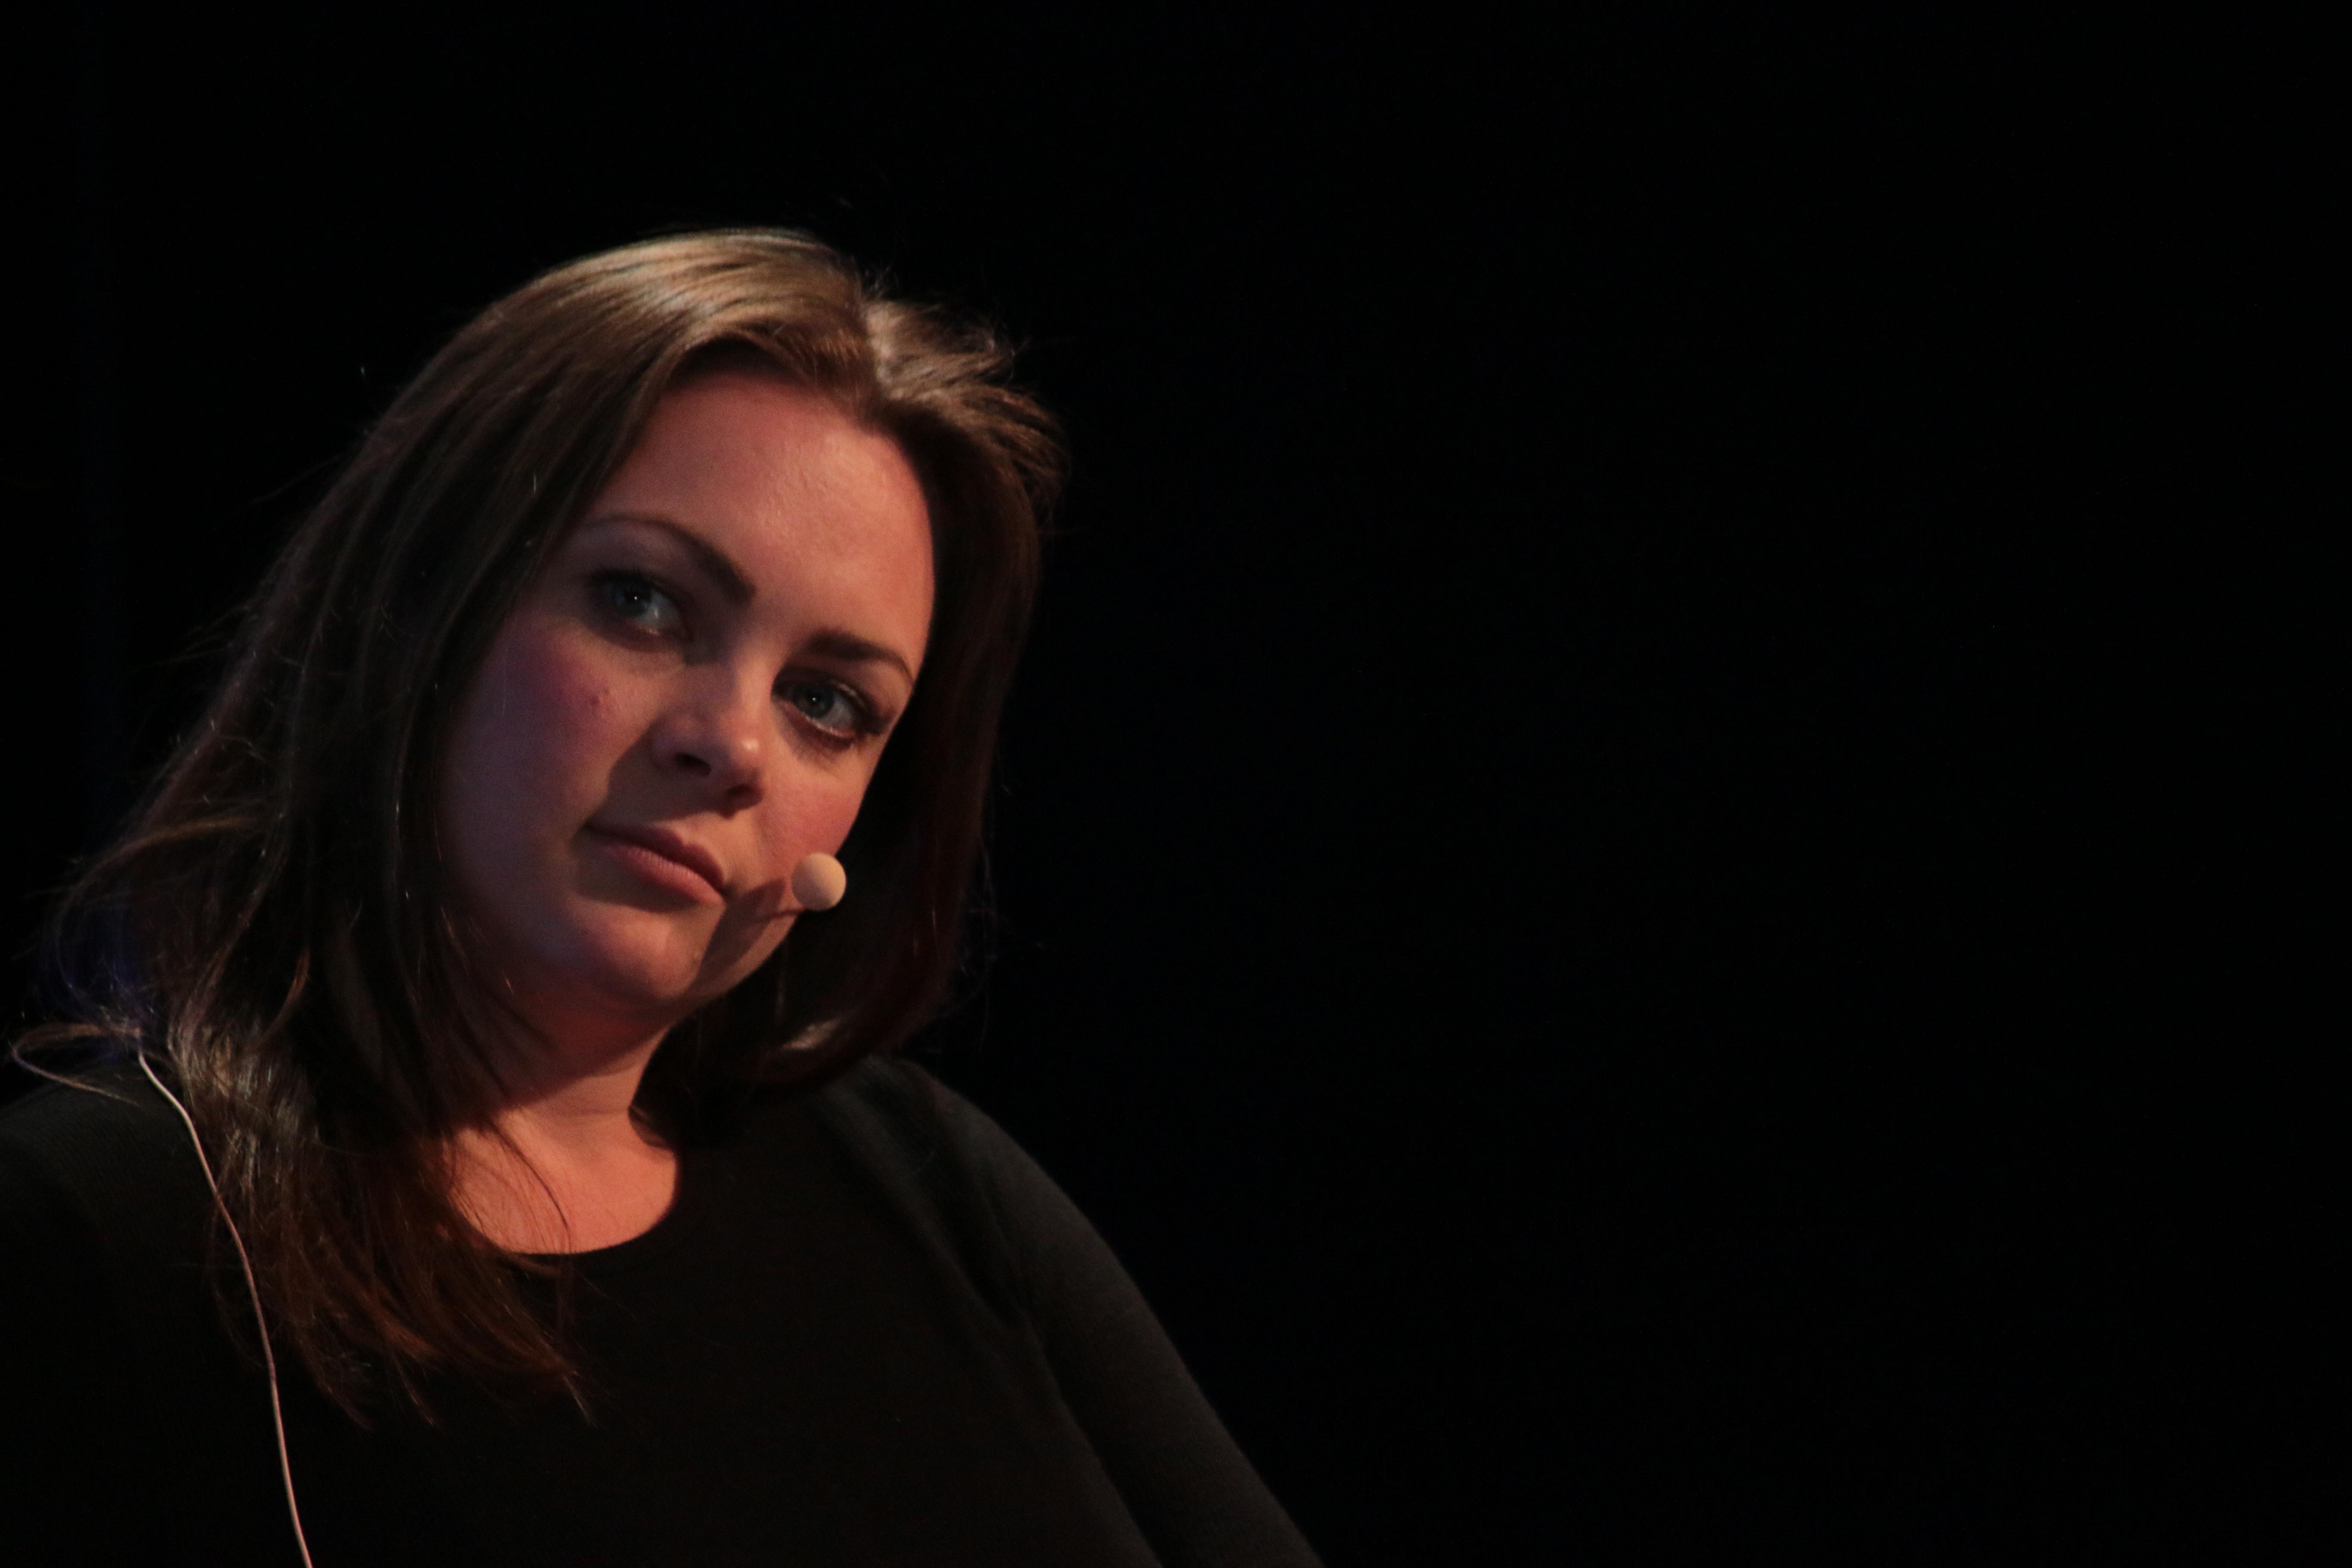 Norge Jenter Eskorte Wikipedia